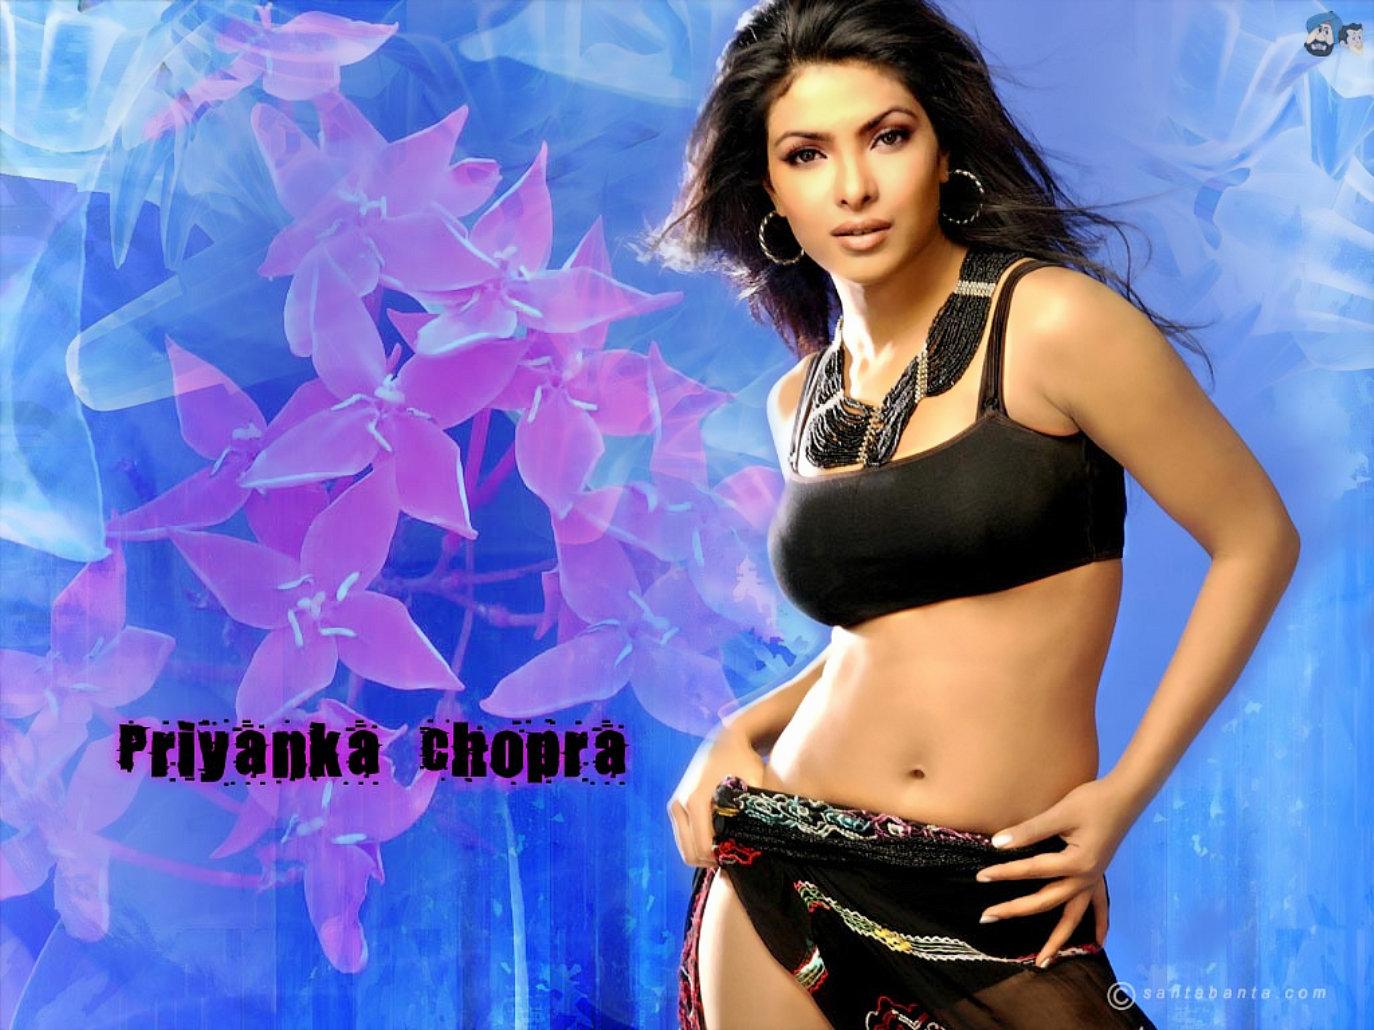 Priyanka Chopra Black Bikini Hot Wallpaper